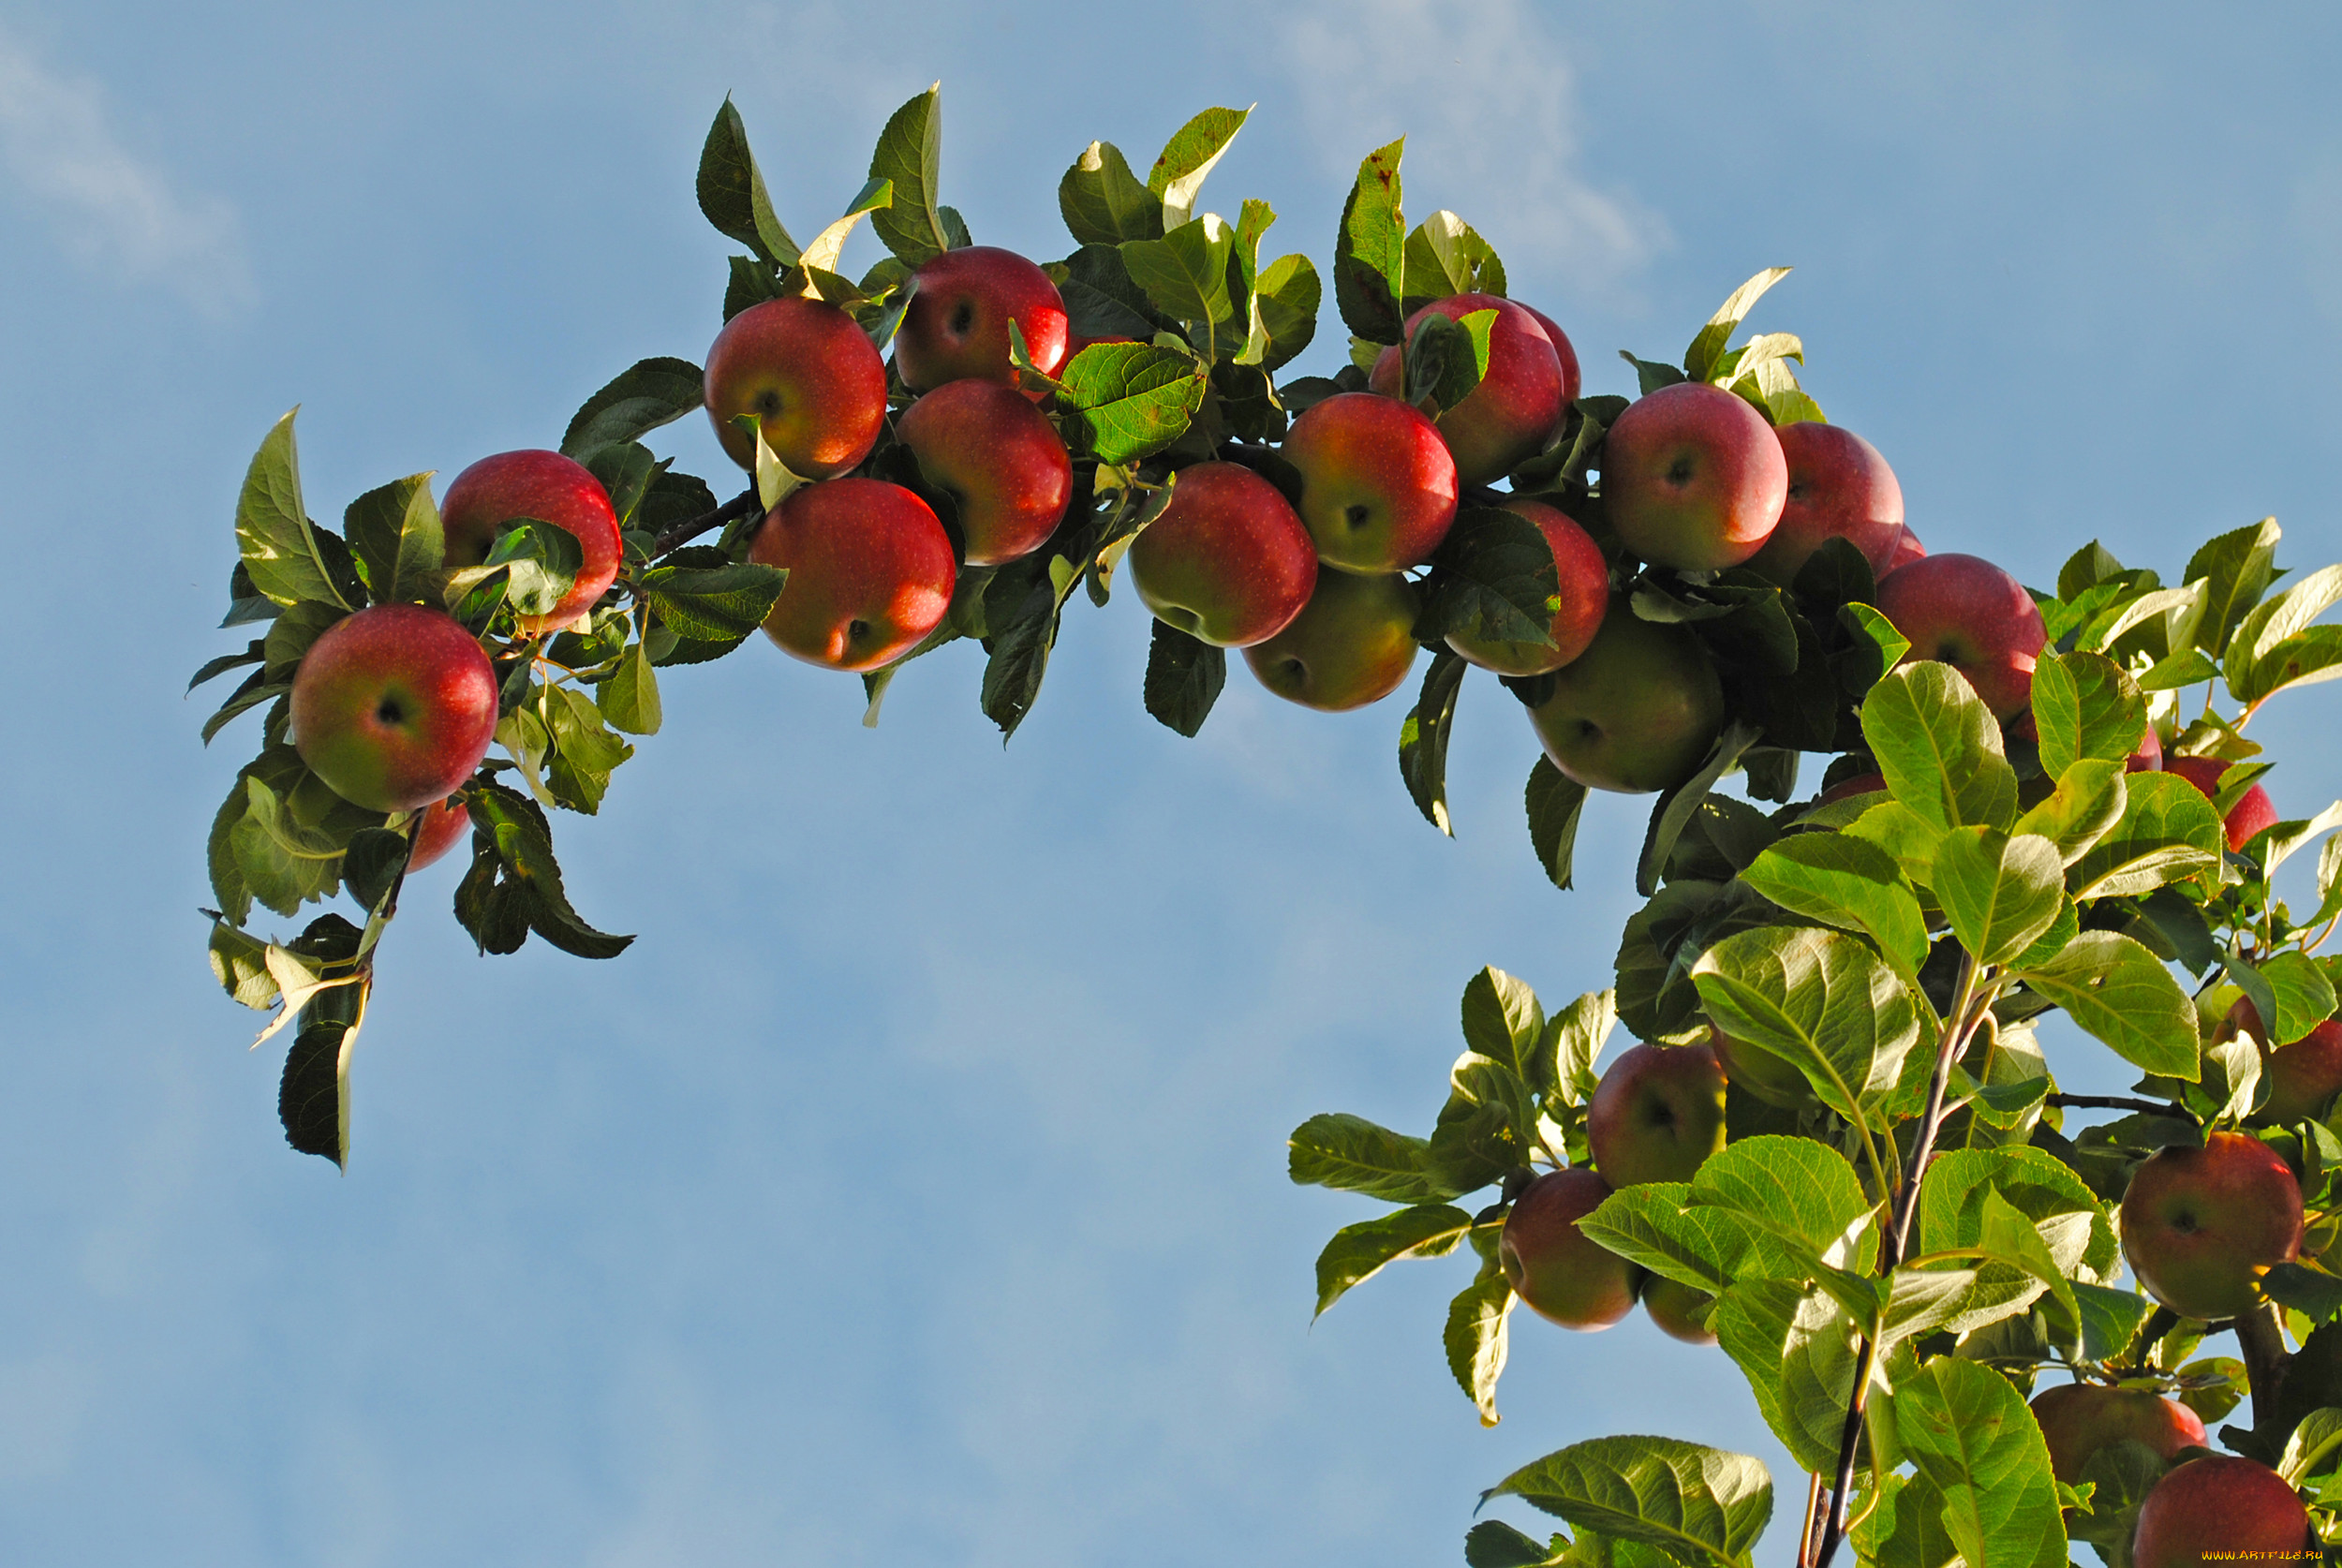 Короткие и оригинальные пожелания с Яблочным спасом для близких и друзей